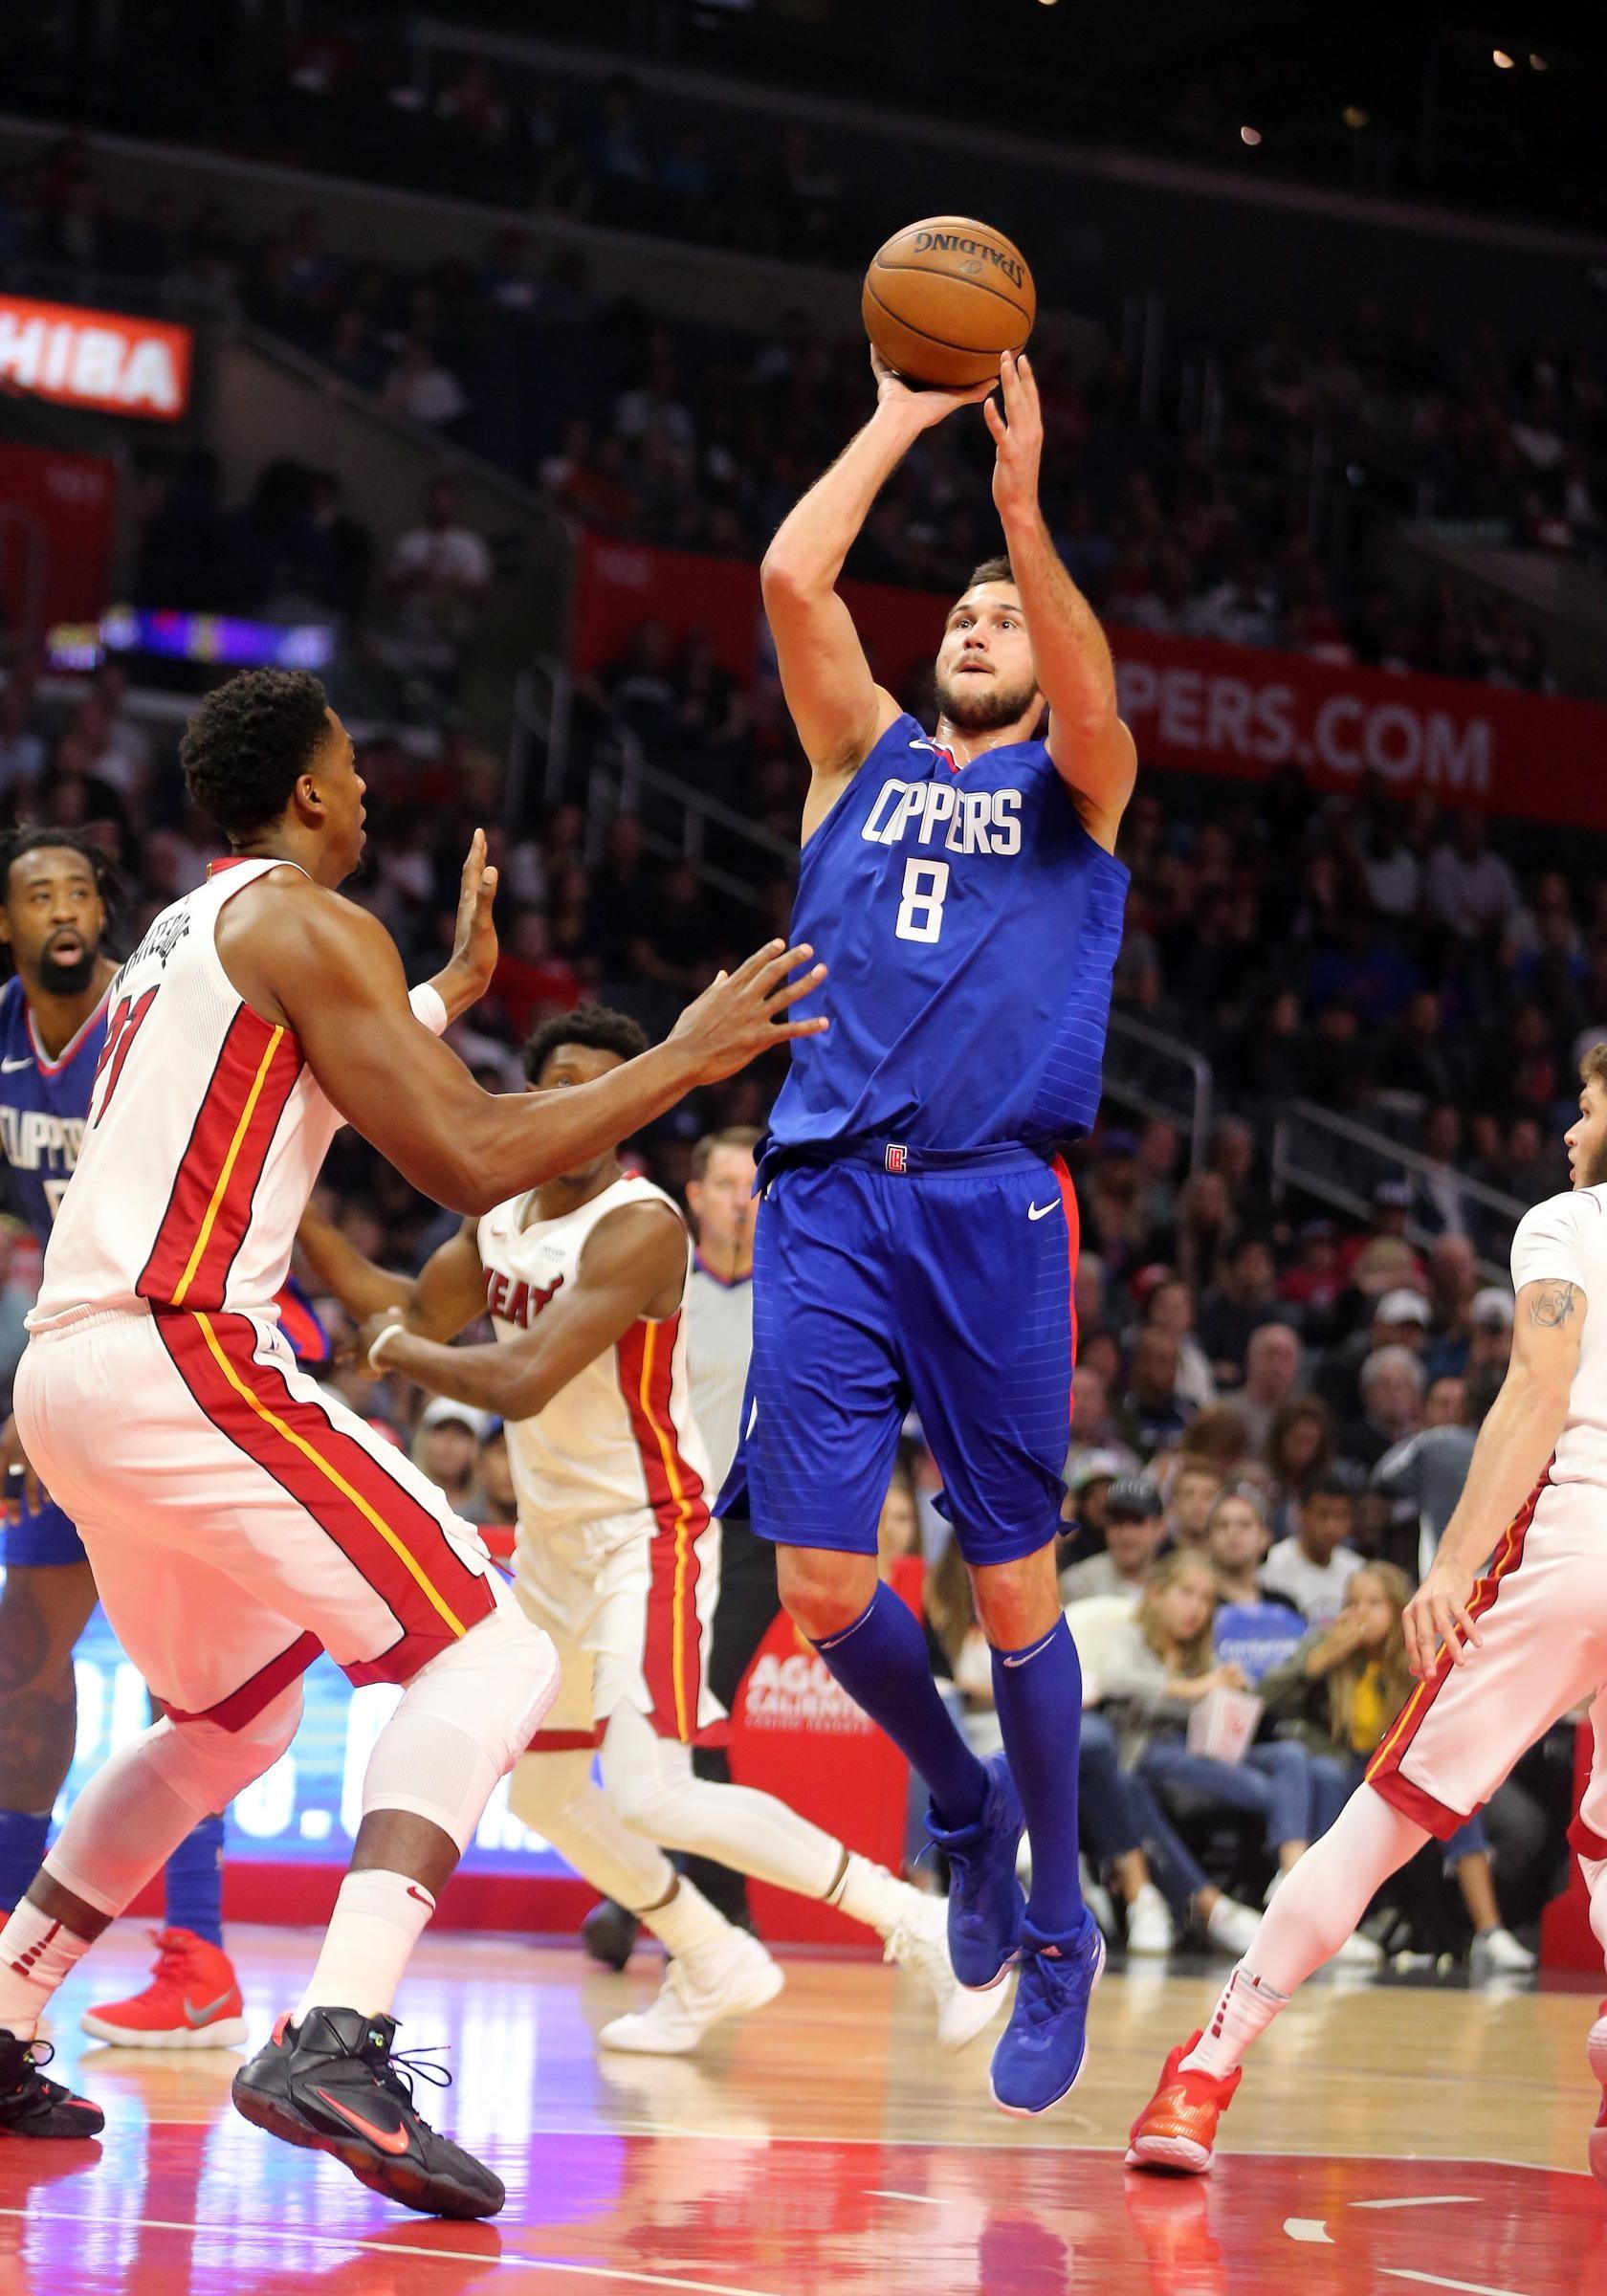 Basket Nba, Gallinari guida i Cklippers alla vittoria sui Lakers nel derby di Los Angeles